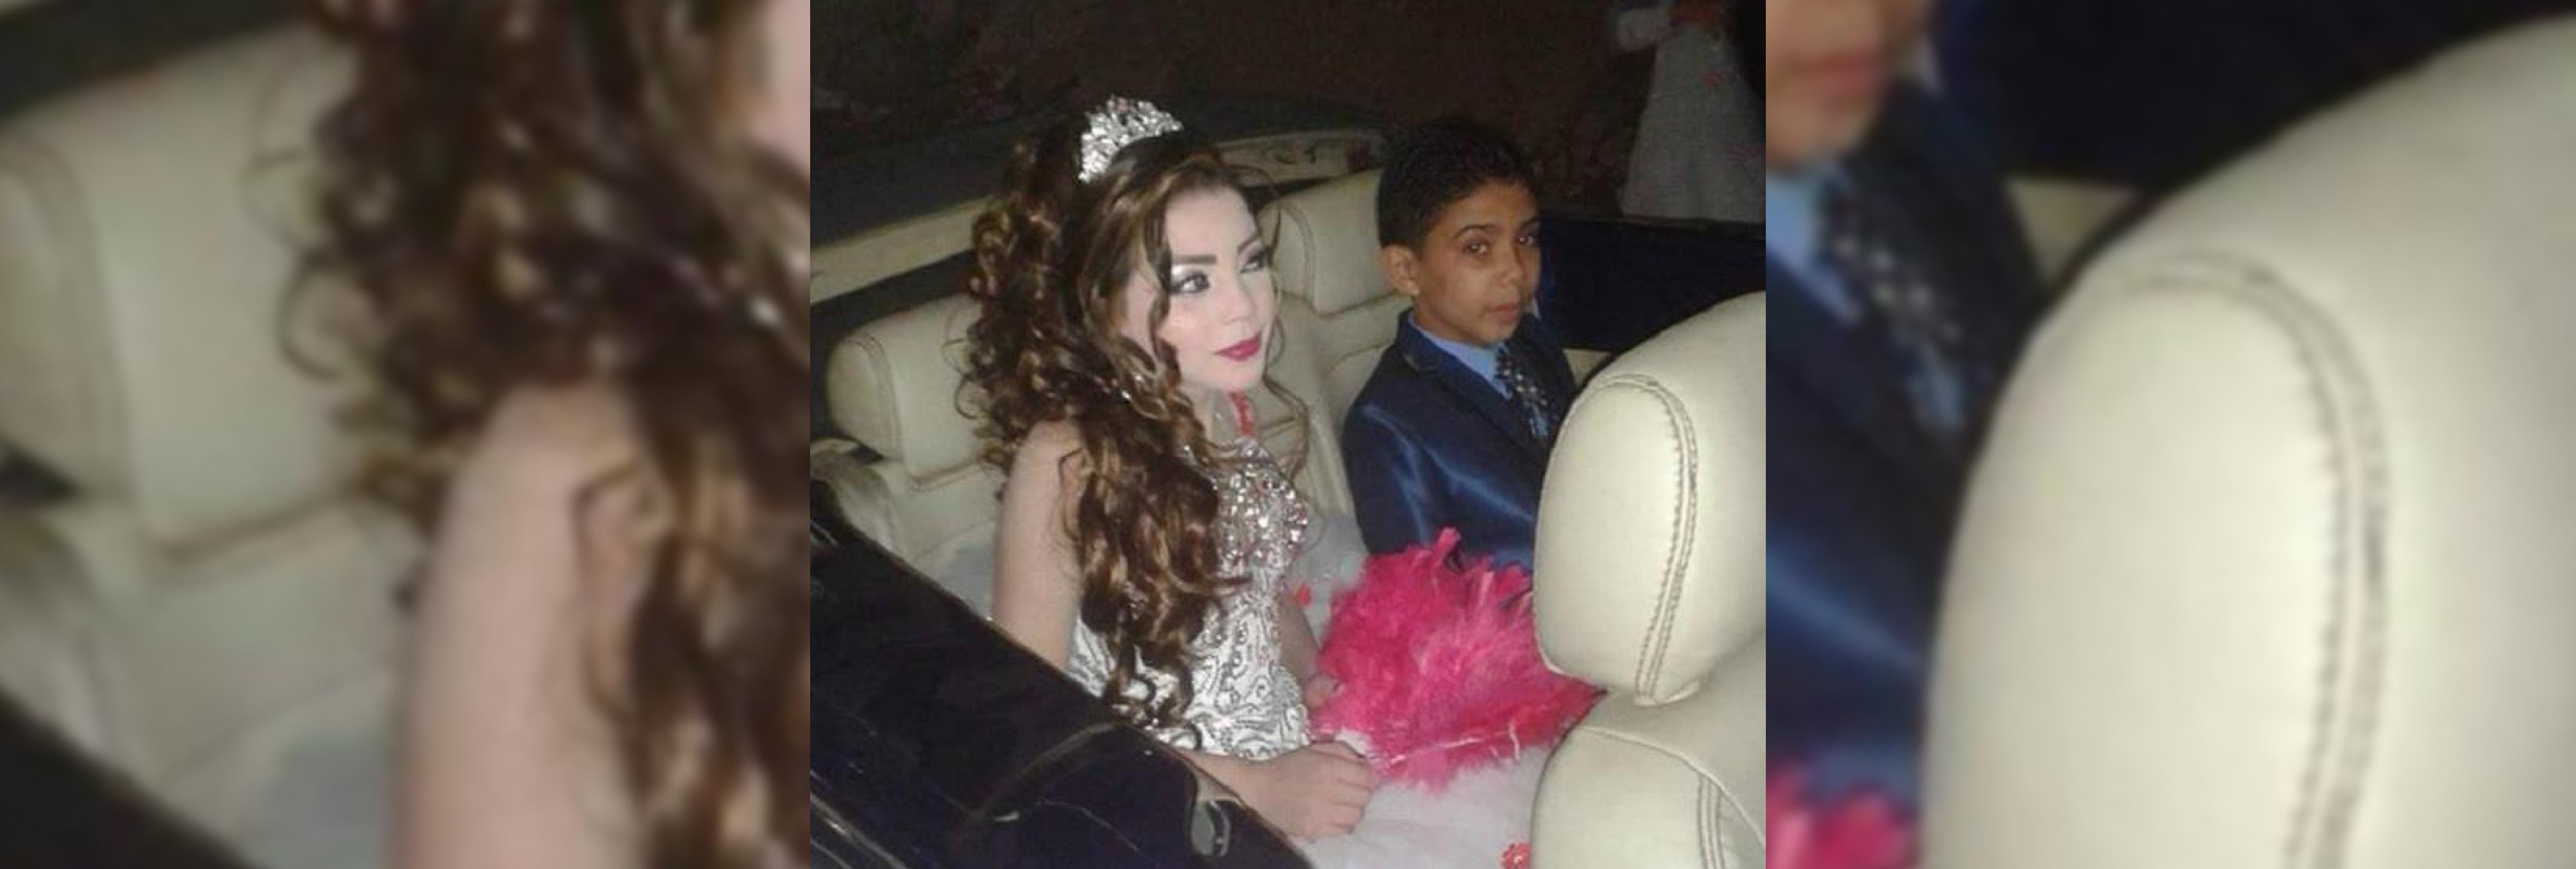 Las fotos del compromiso de dos niños de 11 y 12 años crean gran indignación